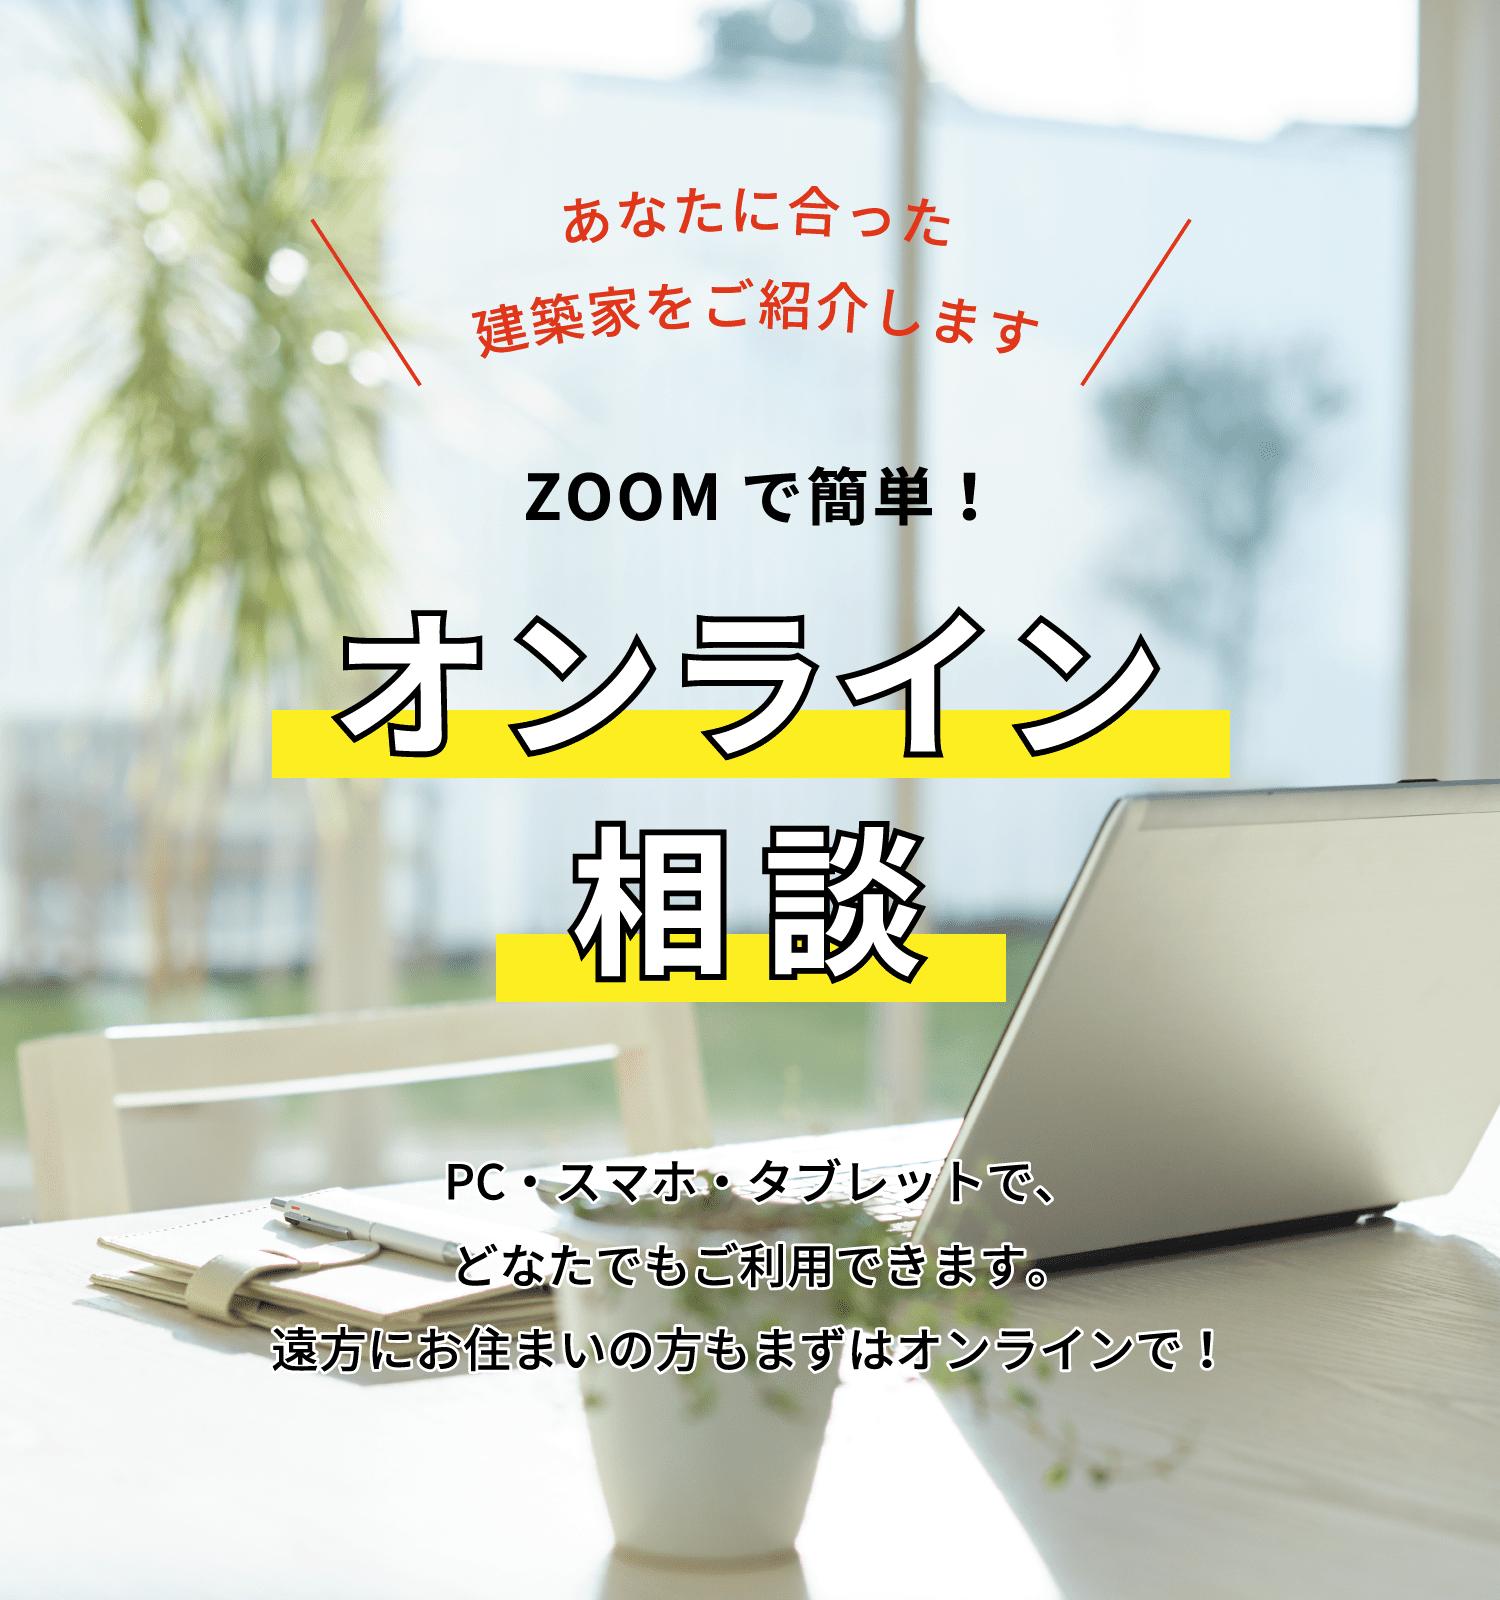 ZOOMで簡単 オンライン相談 PC・スマホ・タブレットで可能!